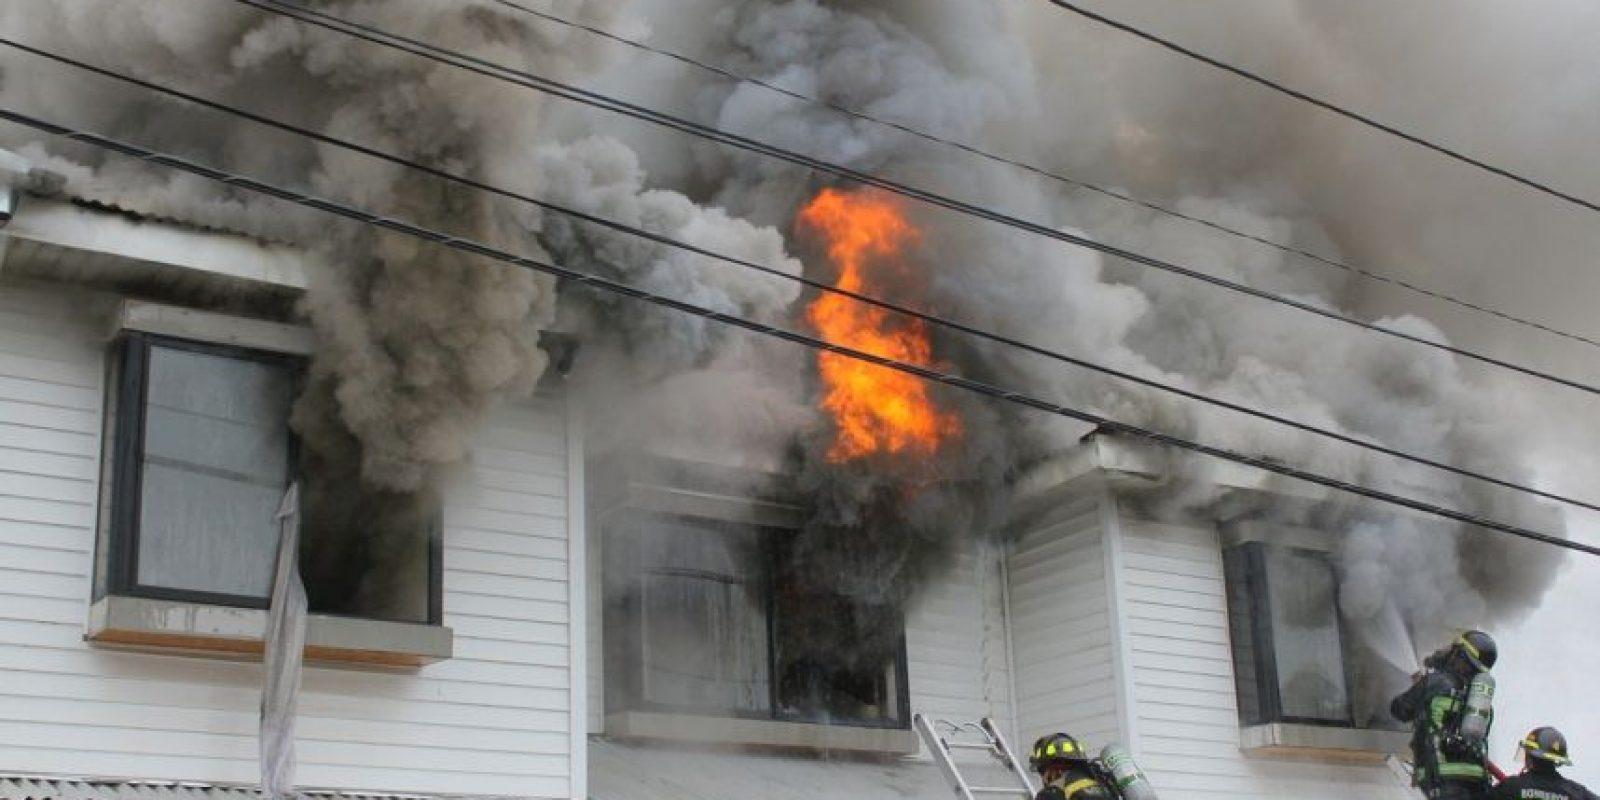 Los incendios por causa eléctrica corresponden al 35% de los incendios de Chile. Foto:Bomberos de Chile. Imagen Por: